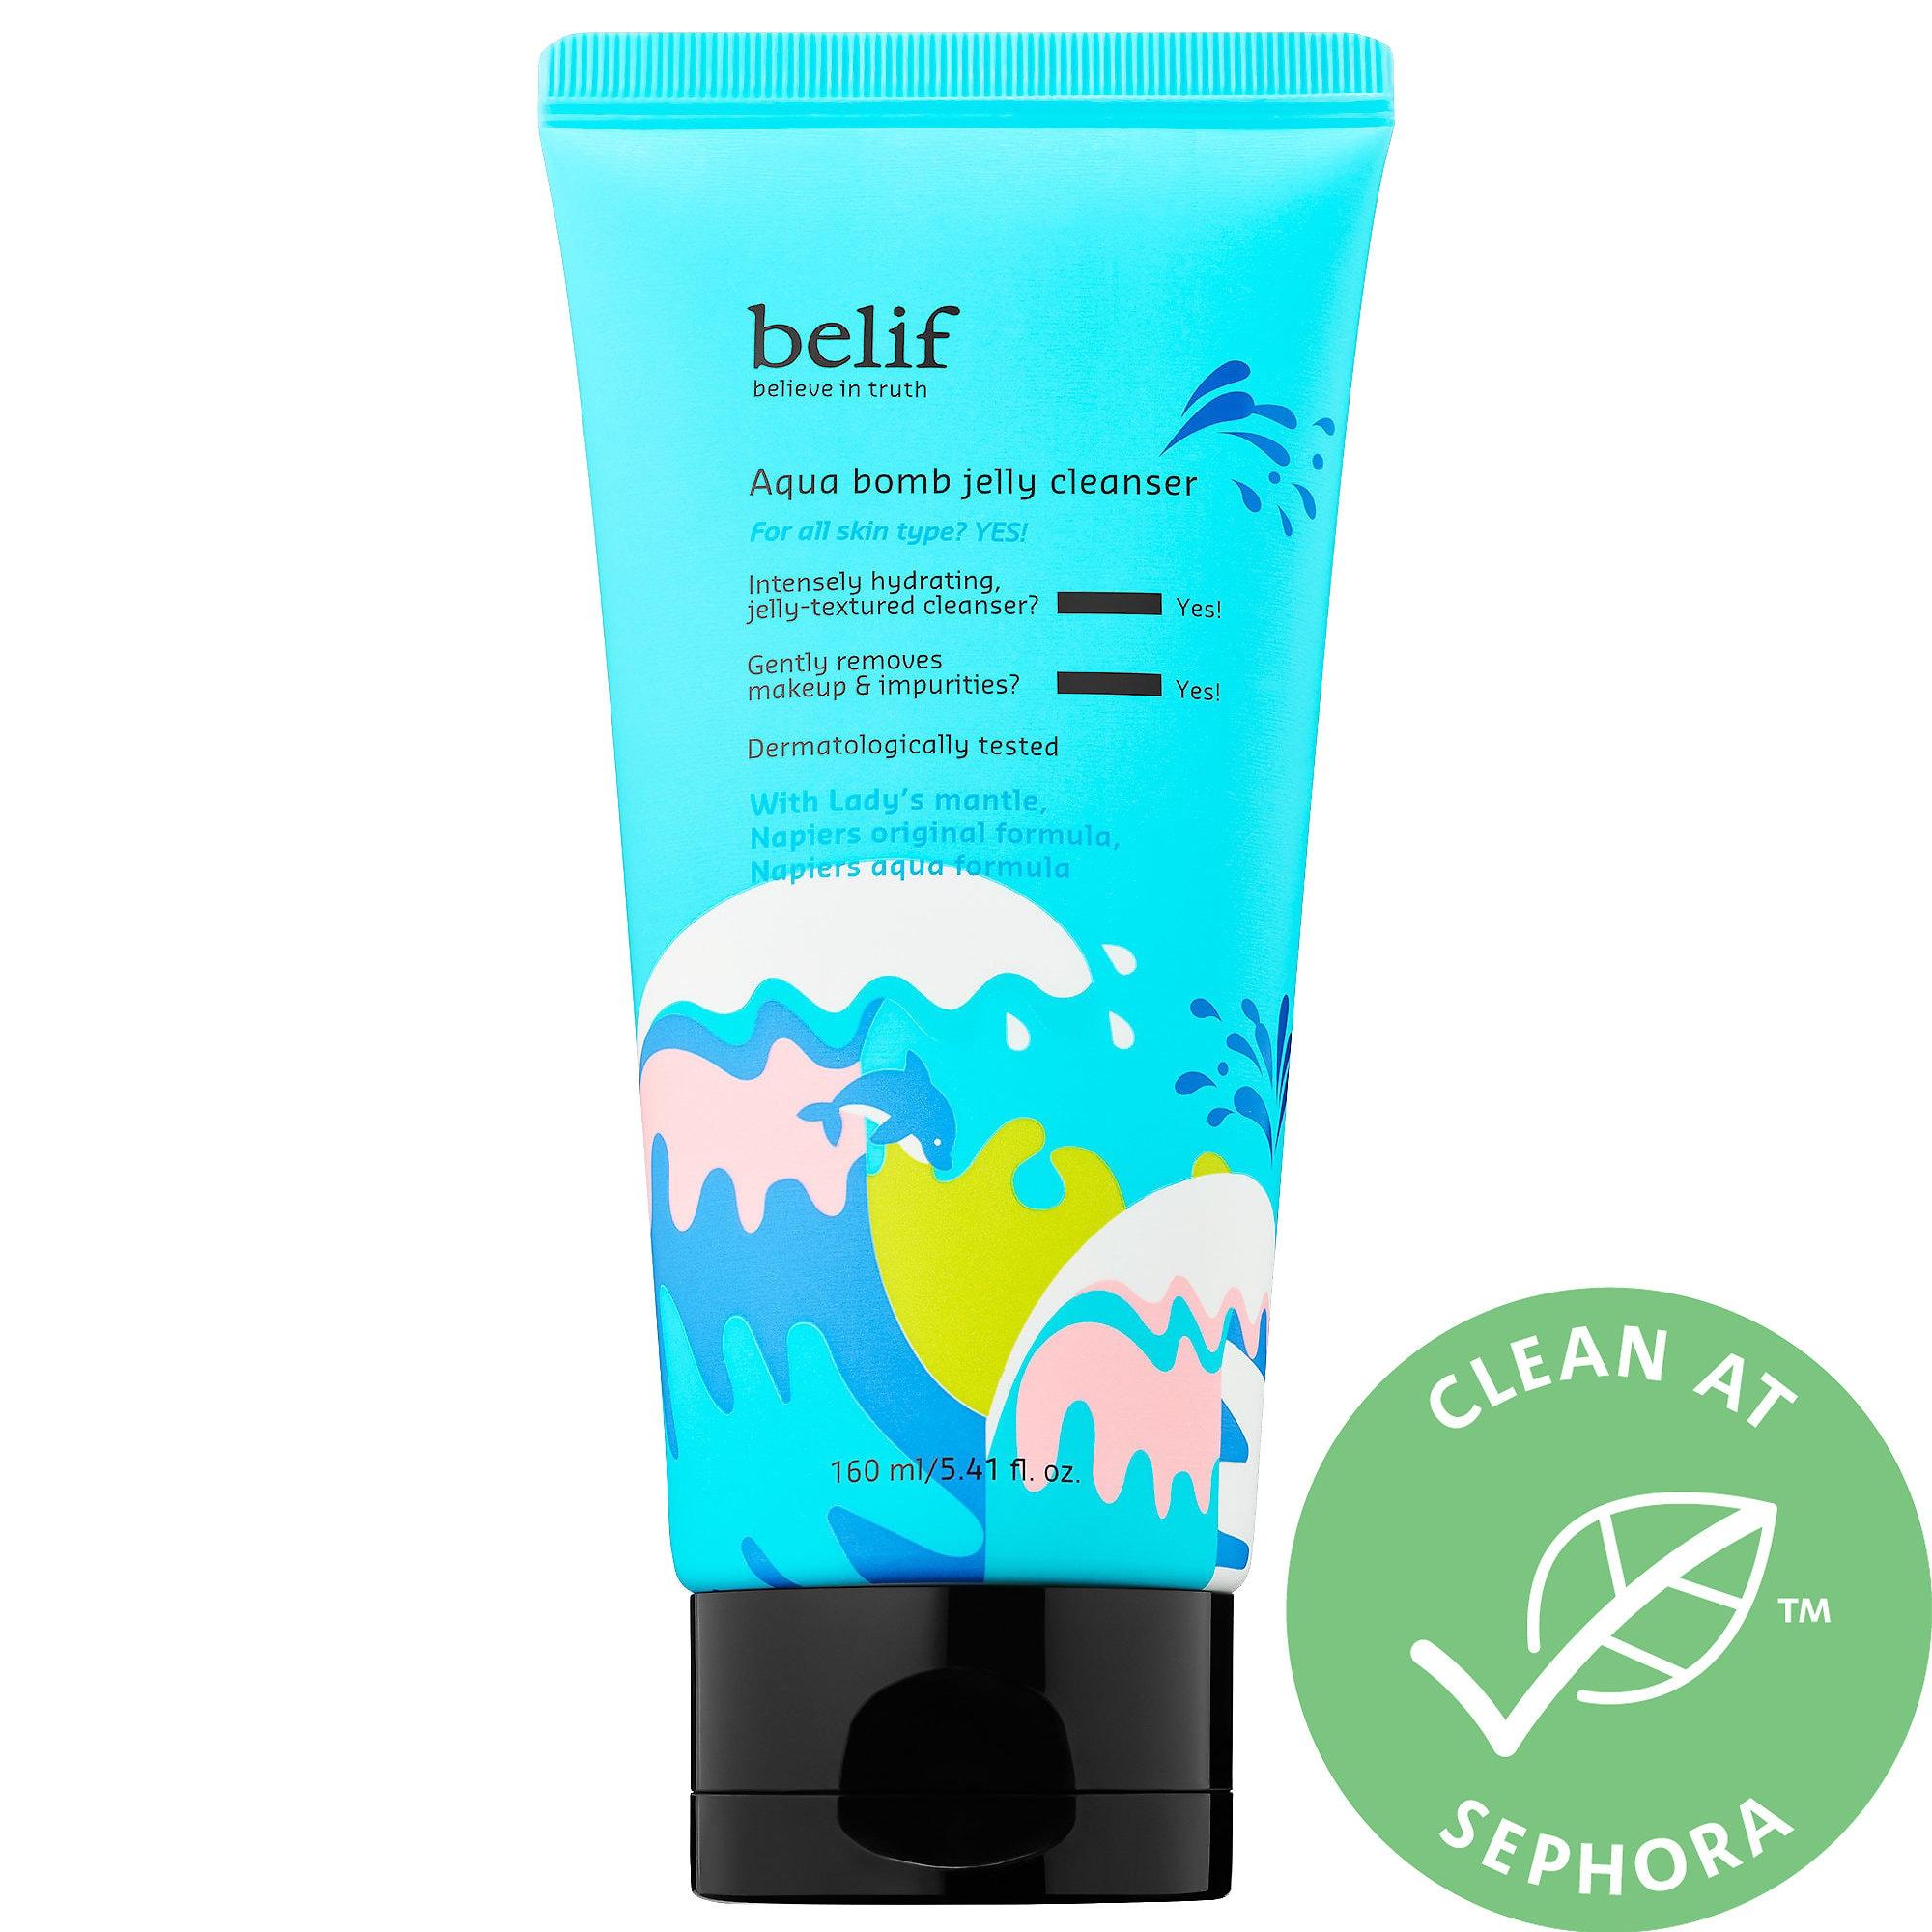 Belif - Aqua Bomb Jelly Cleanser